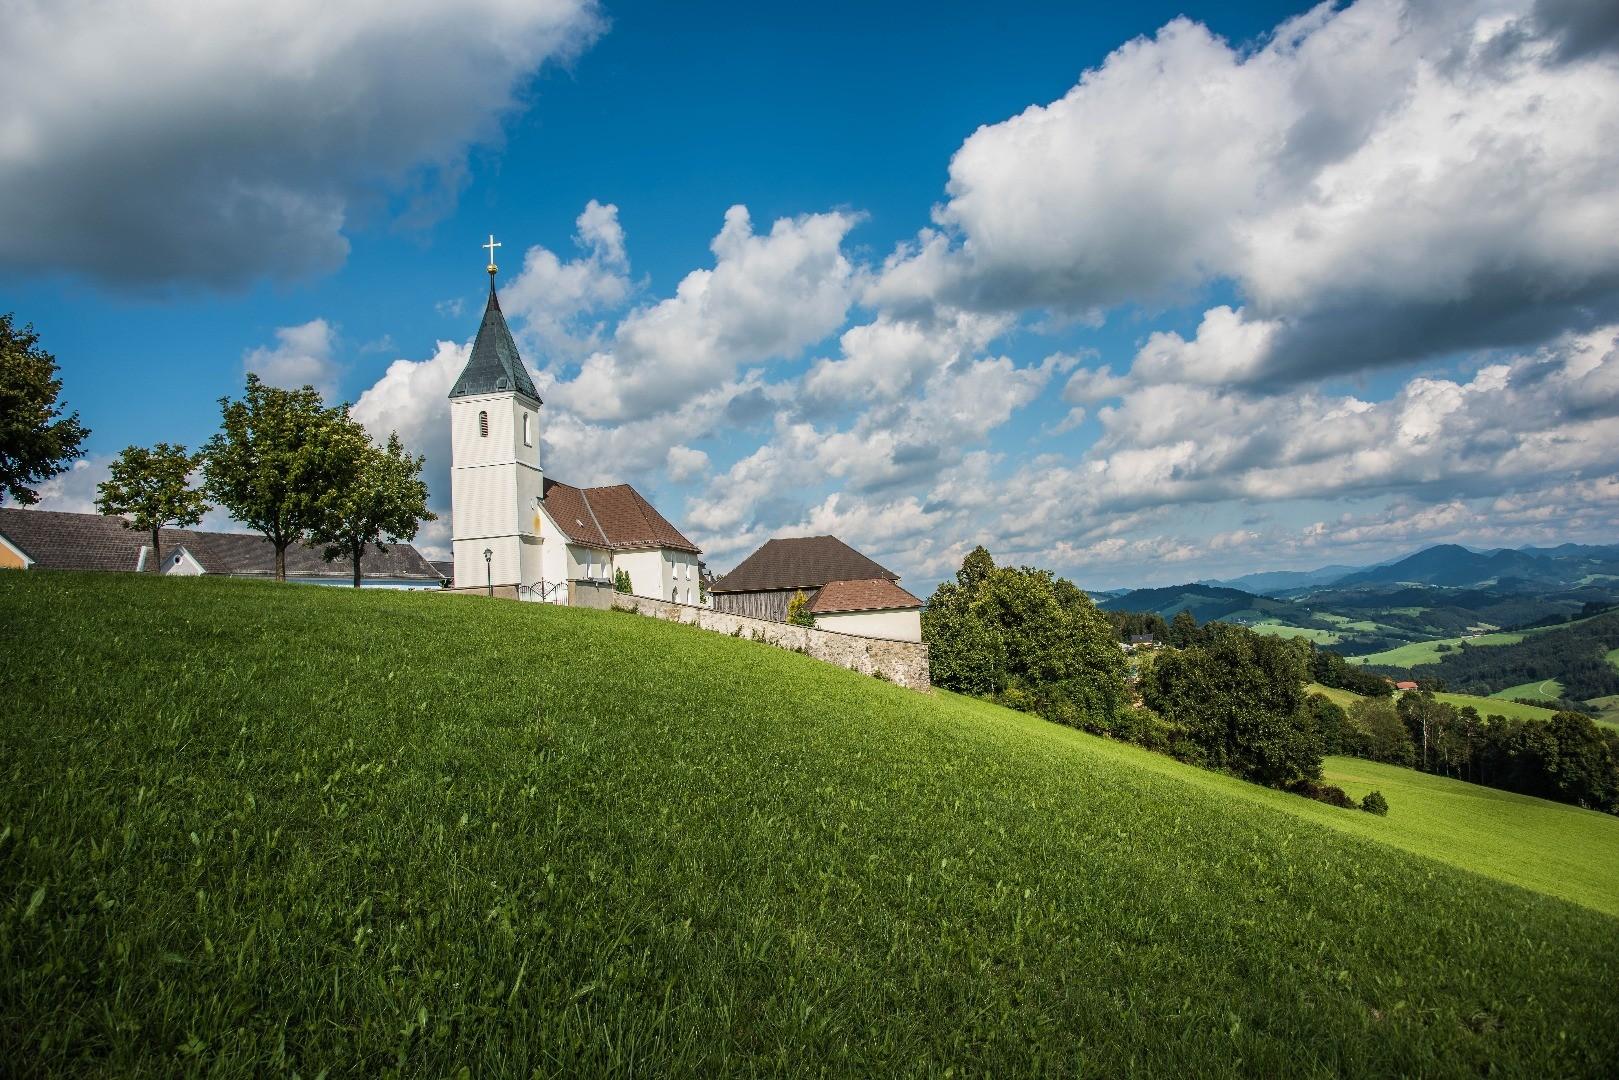 St. Leonhard_Kirche.jpg